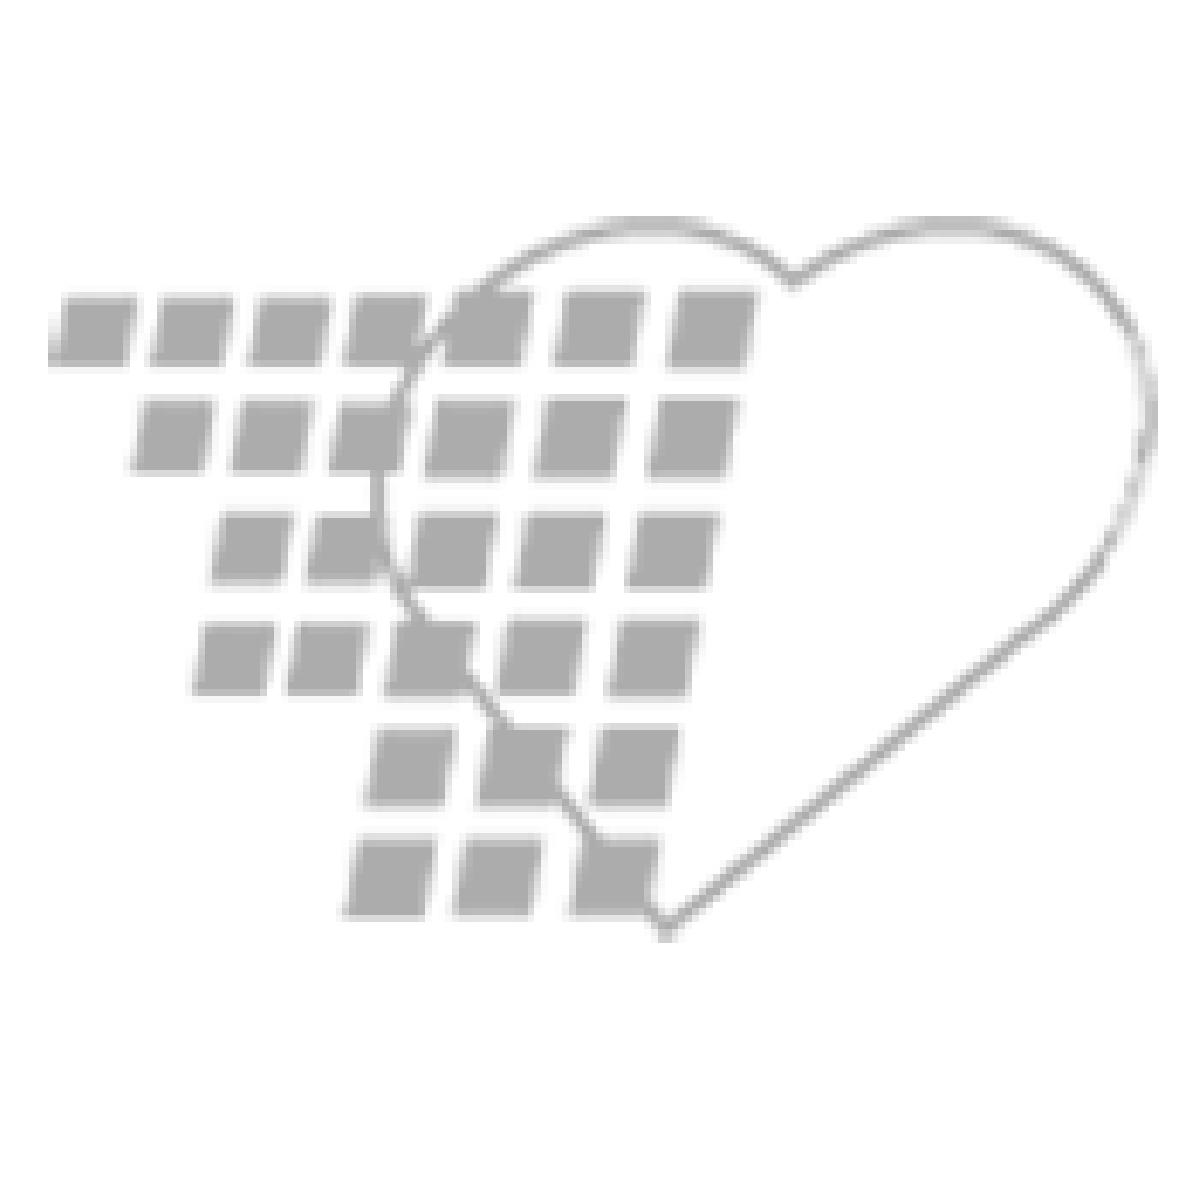 02-44-3013 - Zoll® R Series ALS Defibrillator